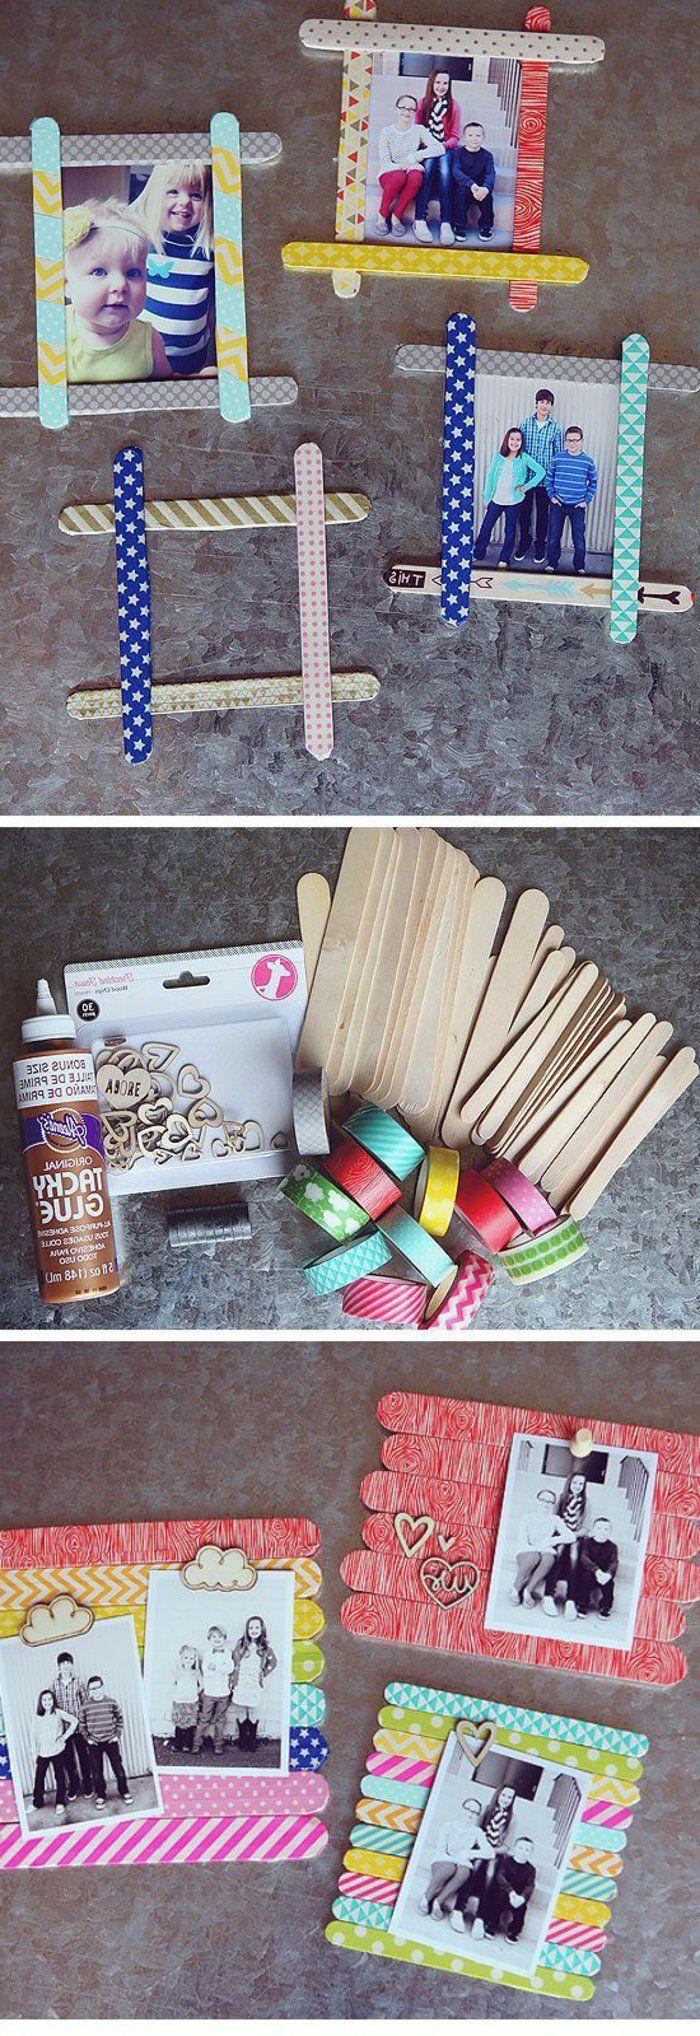 des-cadres-photos-fabriquées-à-partir-de-batonnets-de-glace-customisés-à-l-aide-de-washi-tape-multicolore-photos-enfants